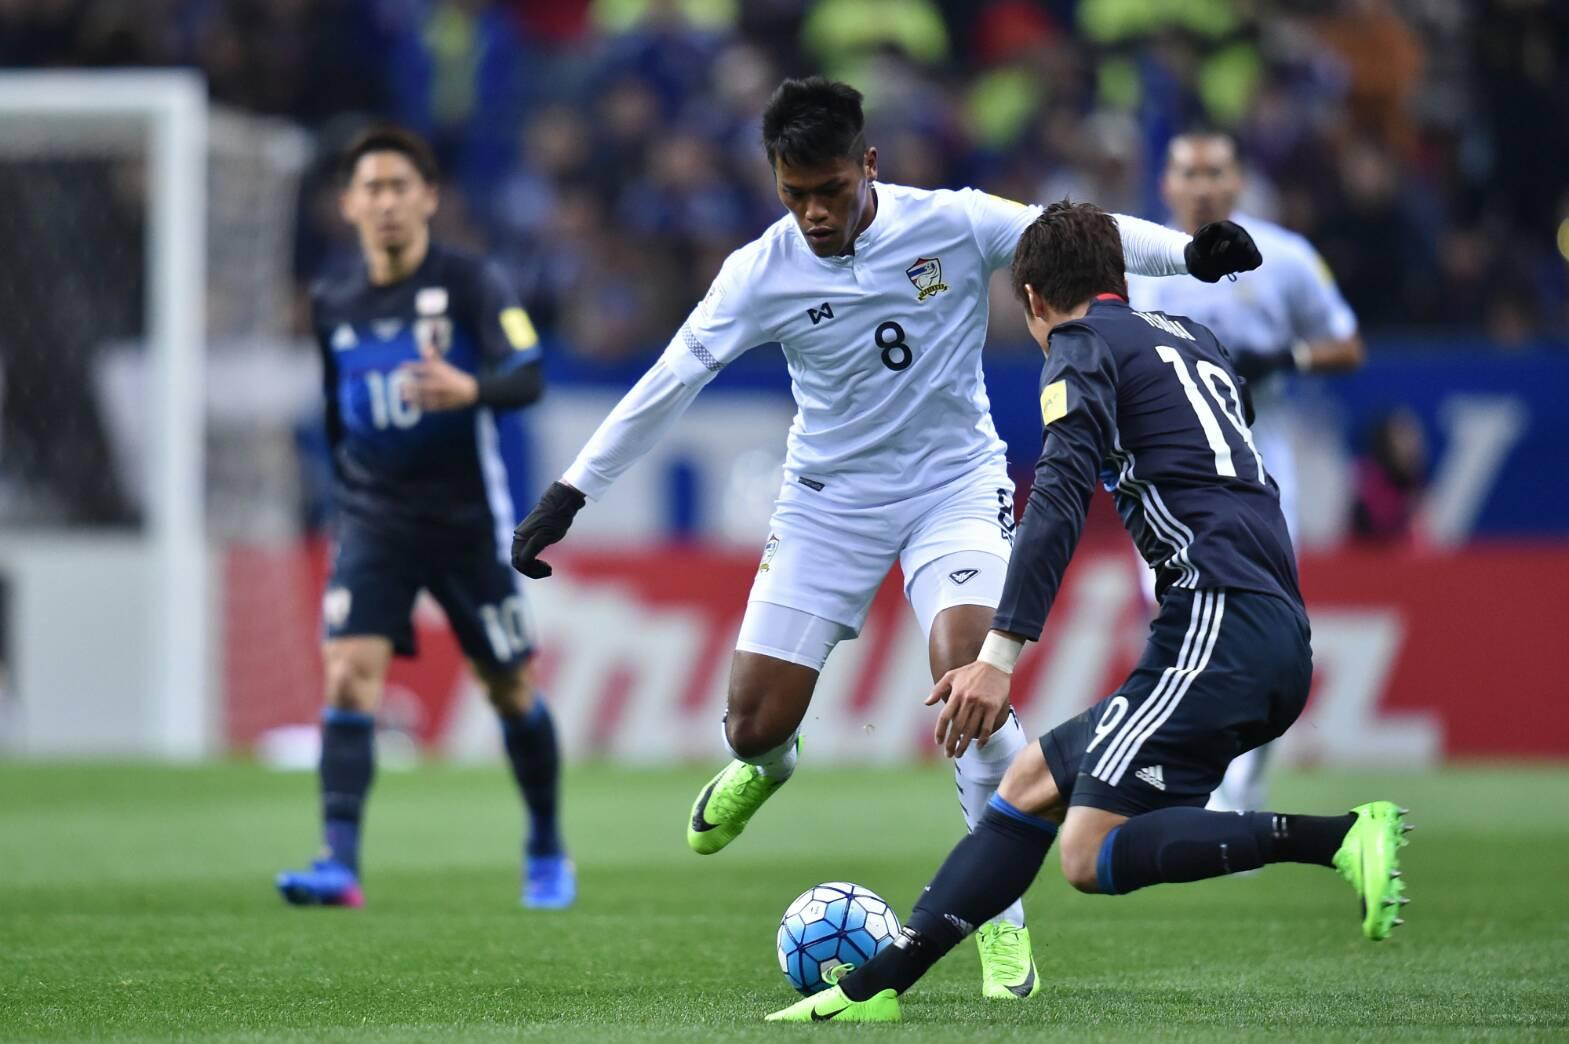 จบครึ่งแรก! ญี่ปุ่น ออกนำ ทีมชาติไทย 2-0